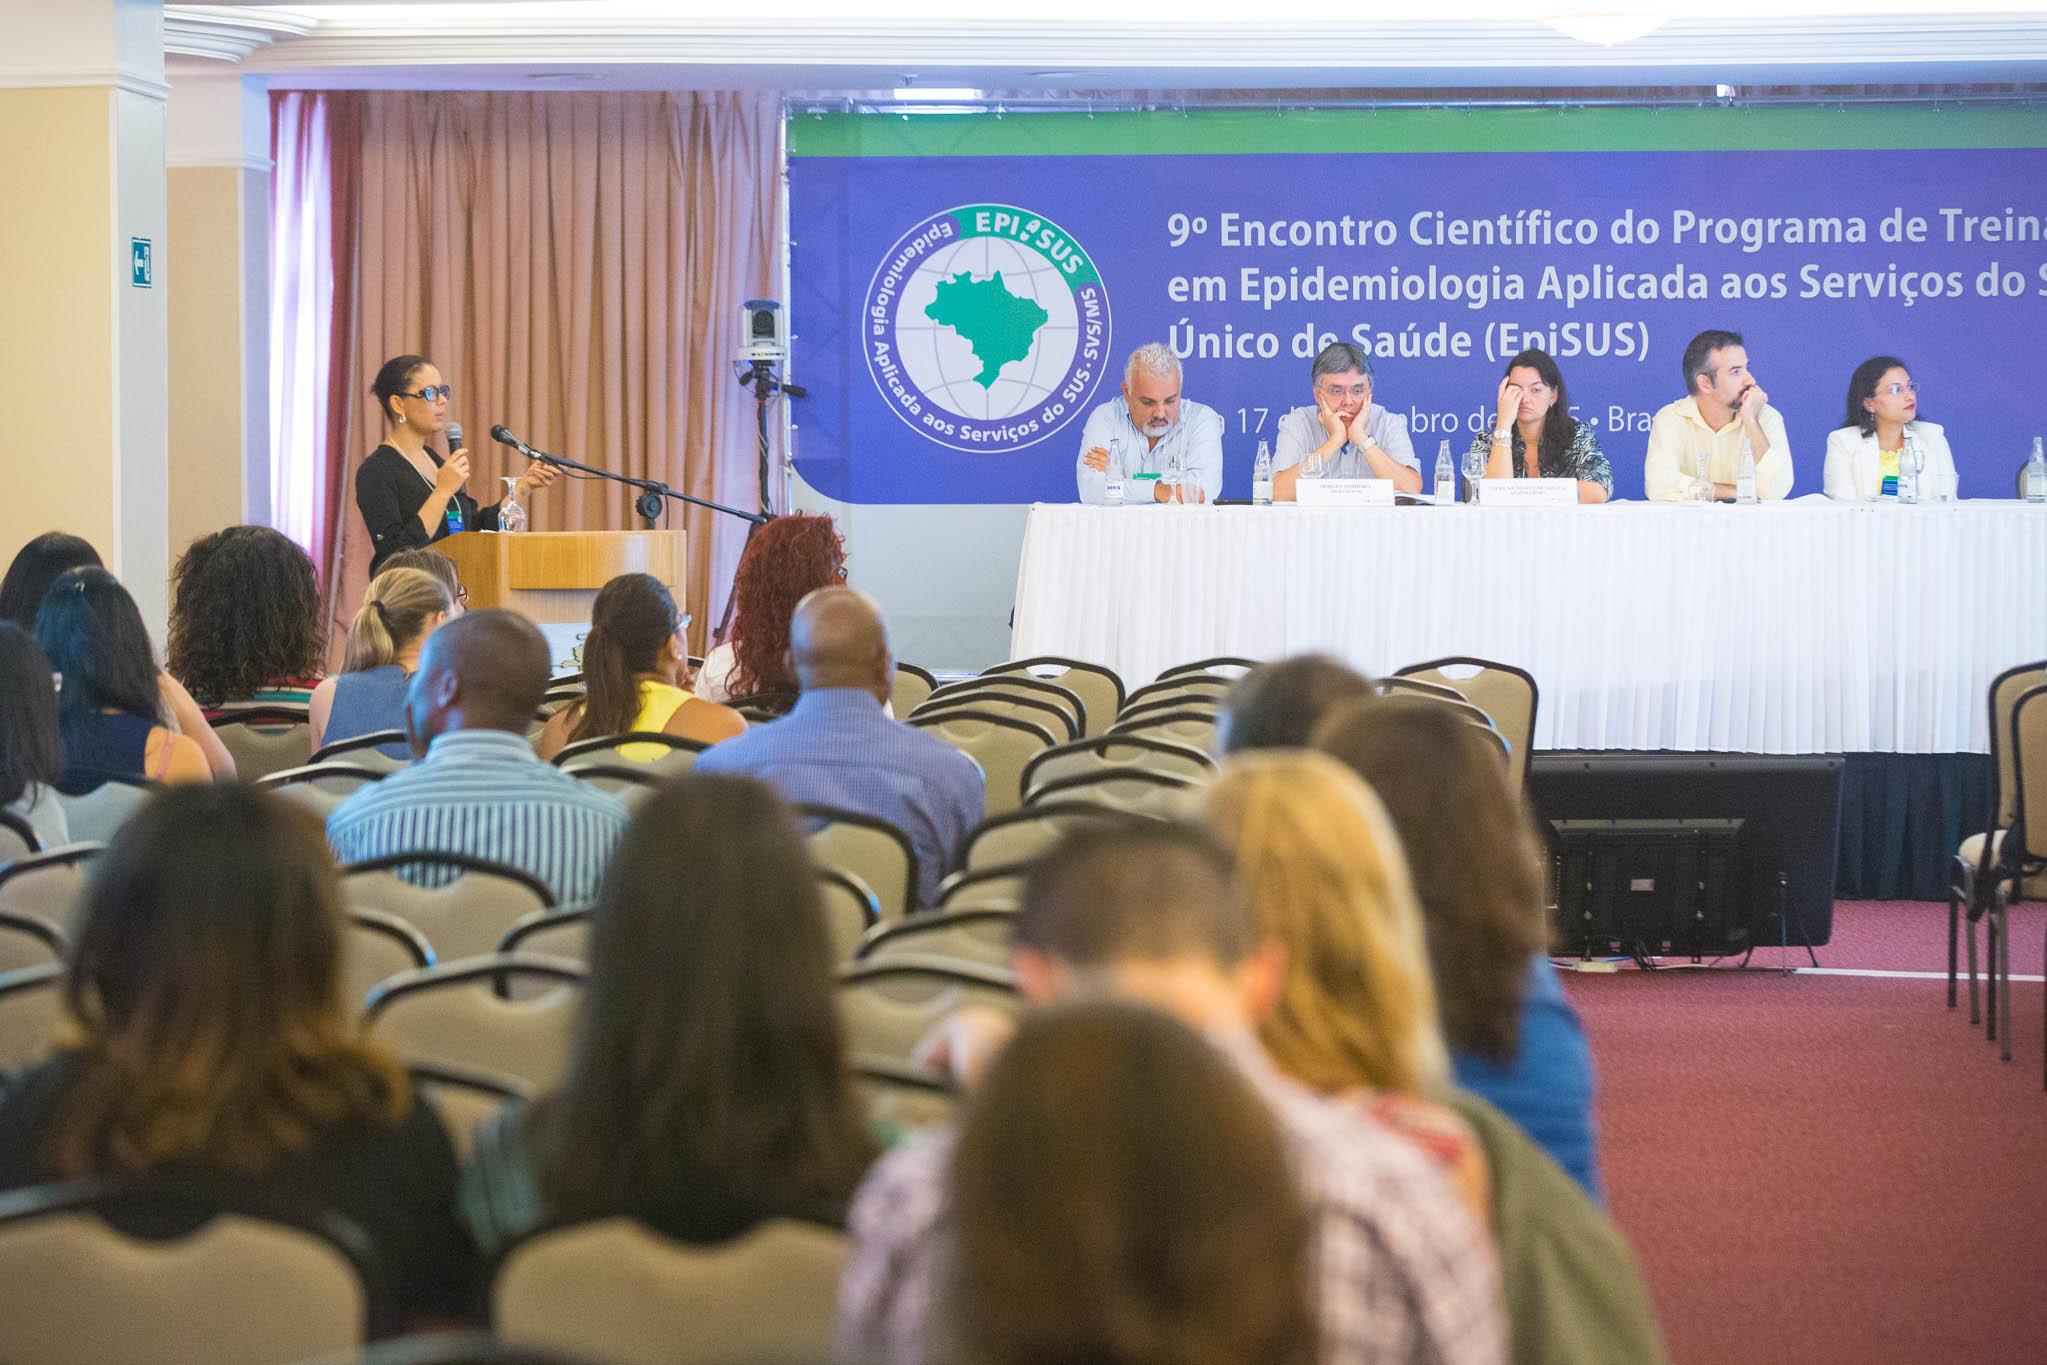 Fotografo de evento corporativo9_EPISUS_AP-20